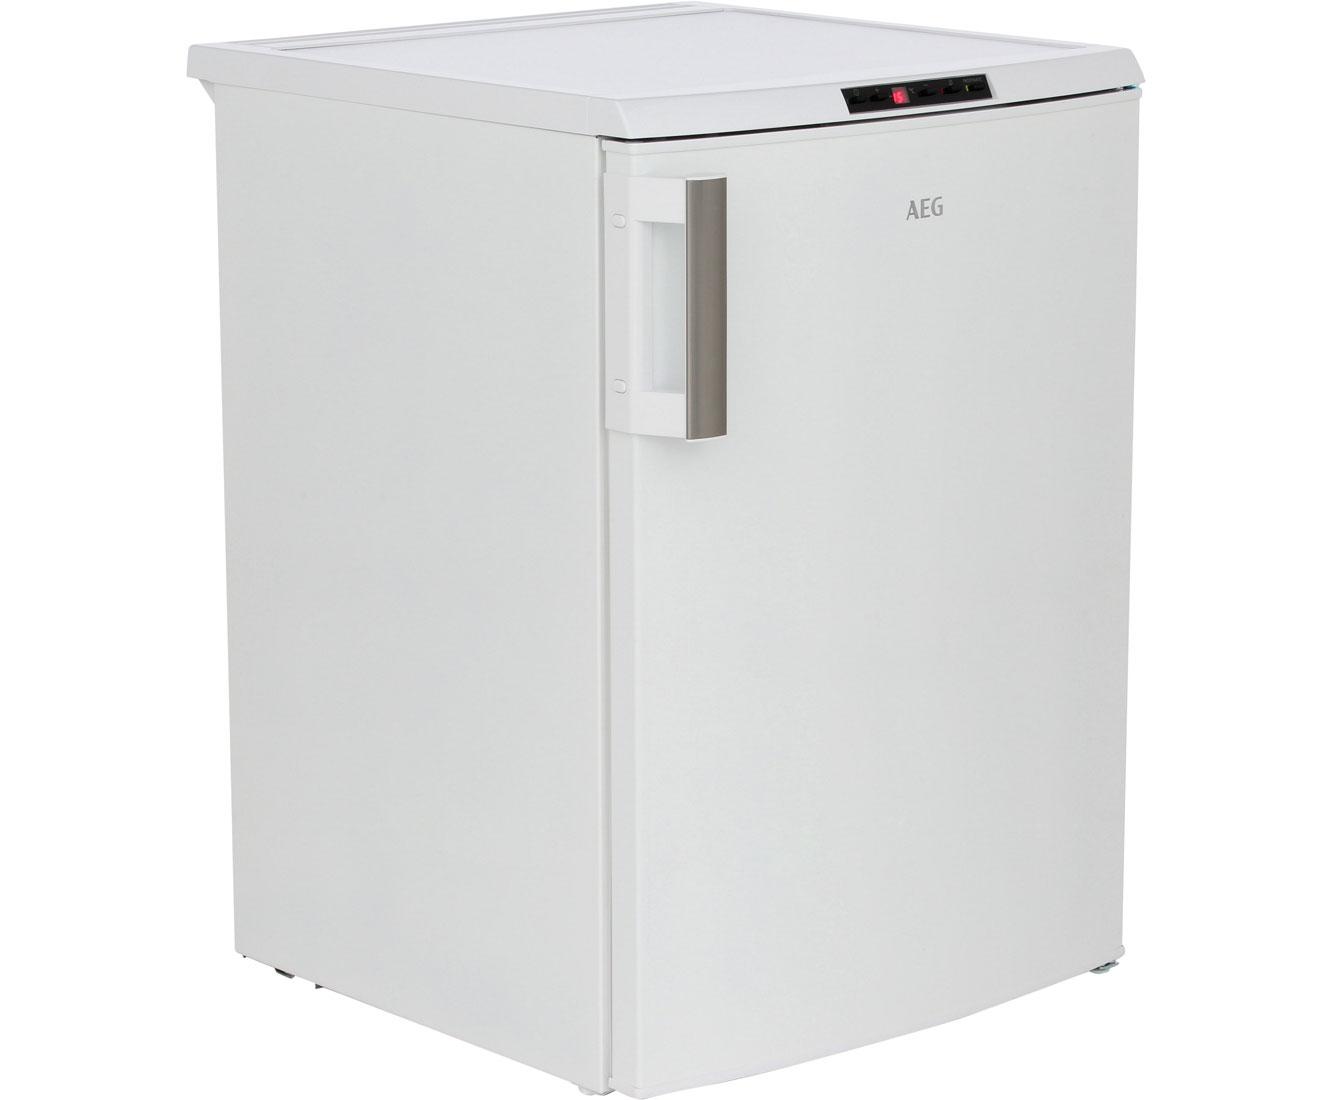 Aeg Kühlschrank Abtauen : Aeg kühlschrank mit gefrierfach abtauen: warum wann wie und